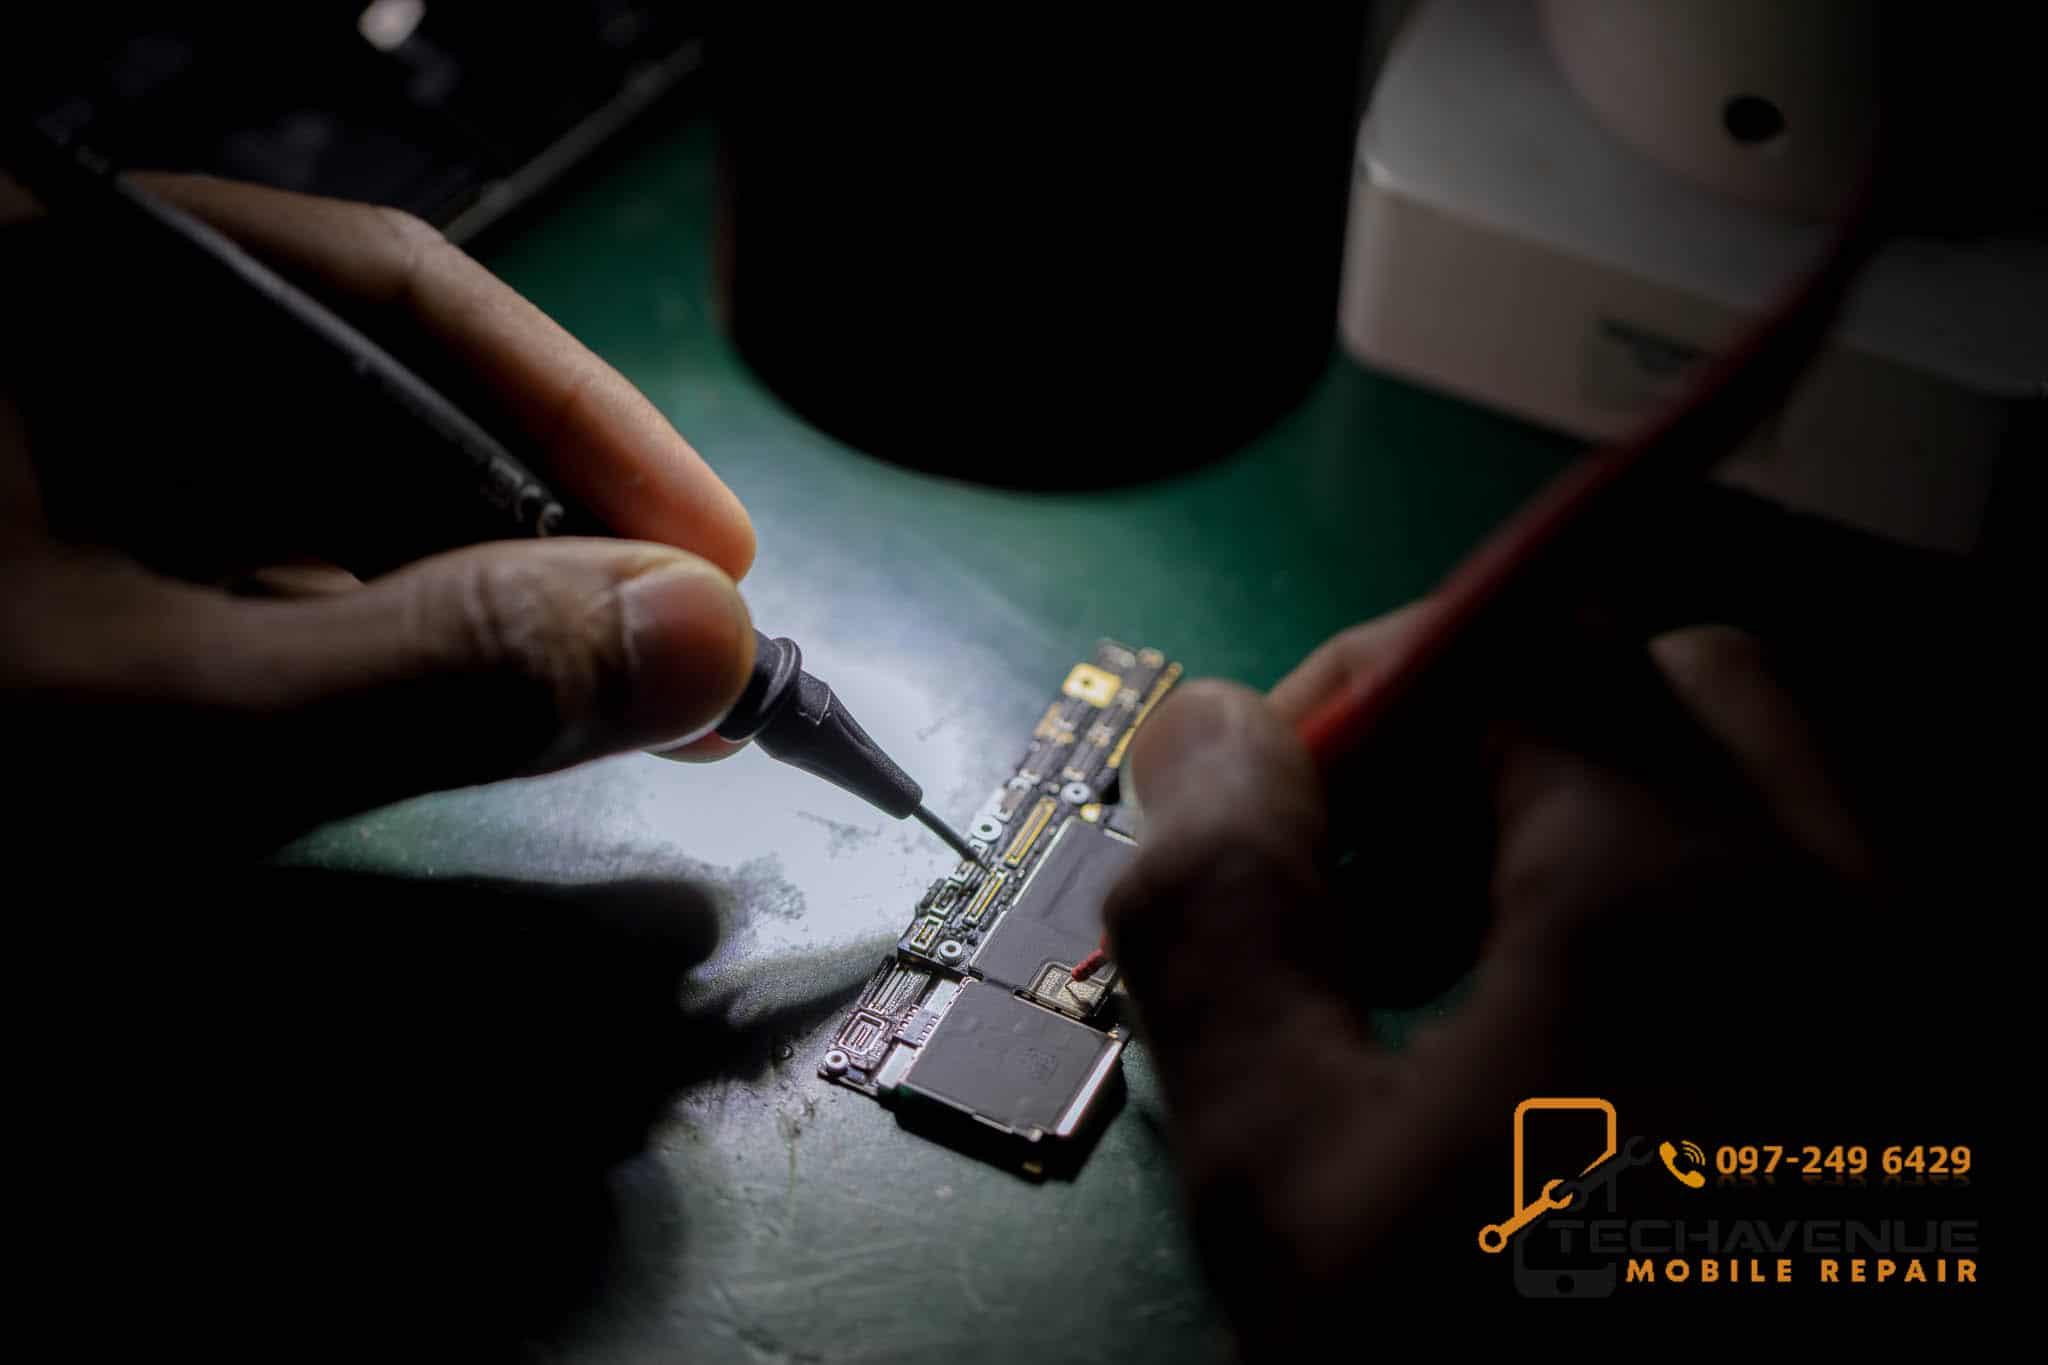 ซ่อมมือถือ แถวตลาดหลักทรัพย์ แห่งประเทศไทย ร้านไหนดี ราคาถูก